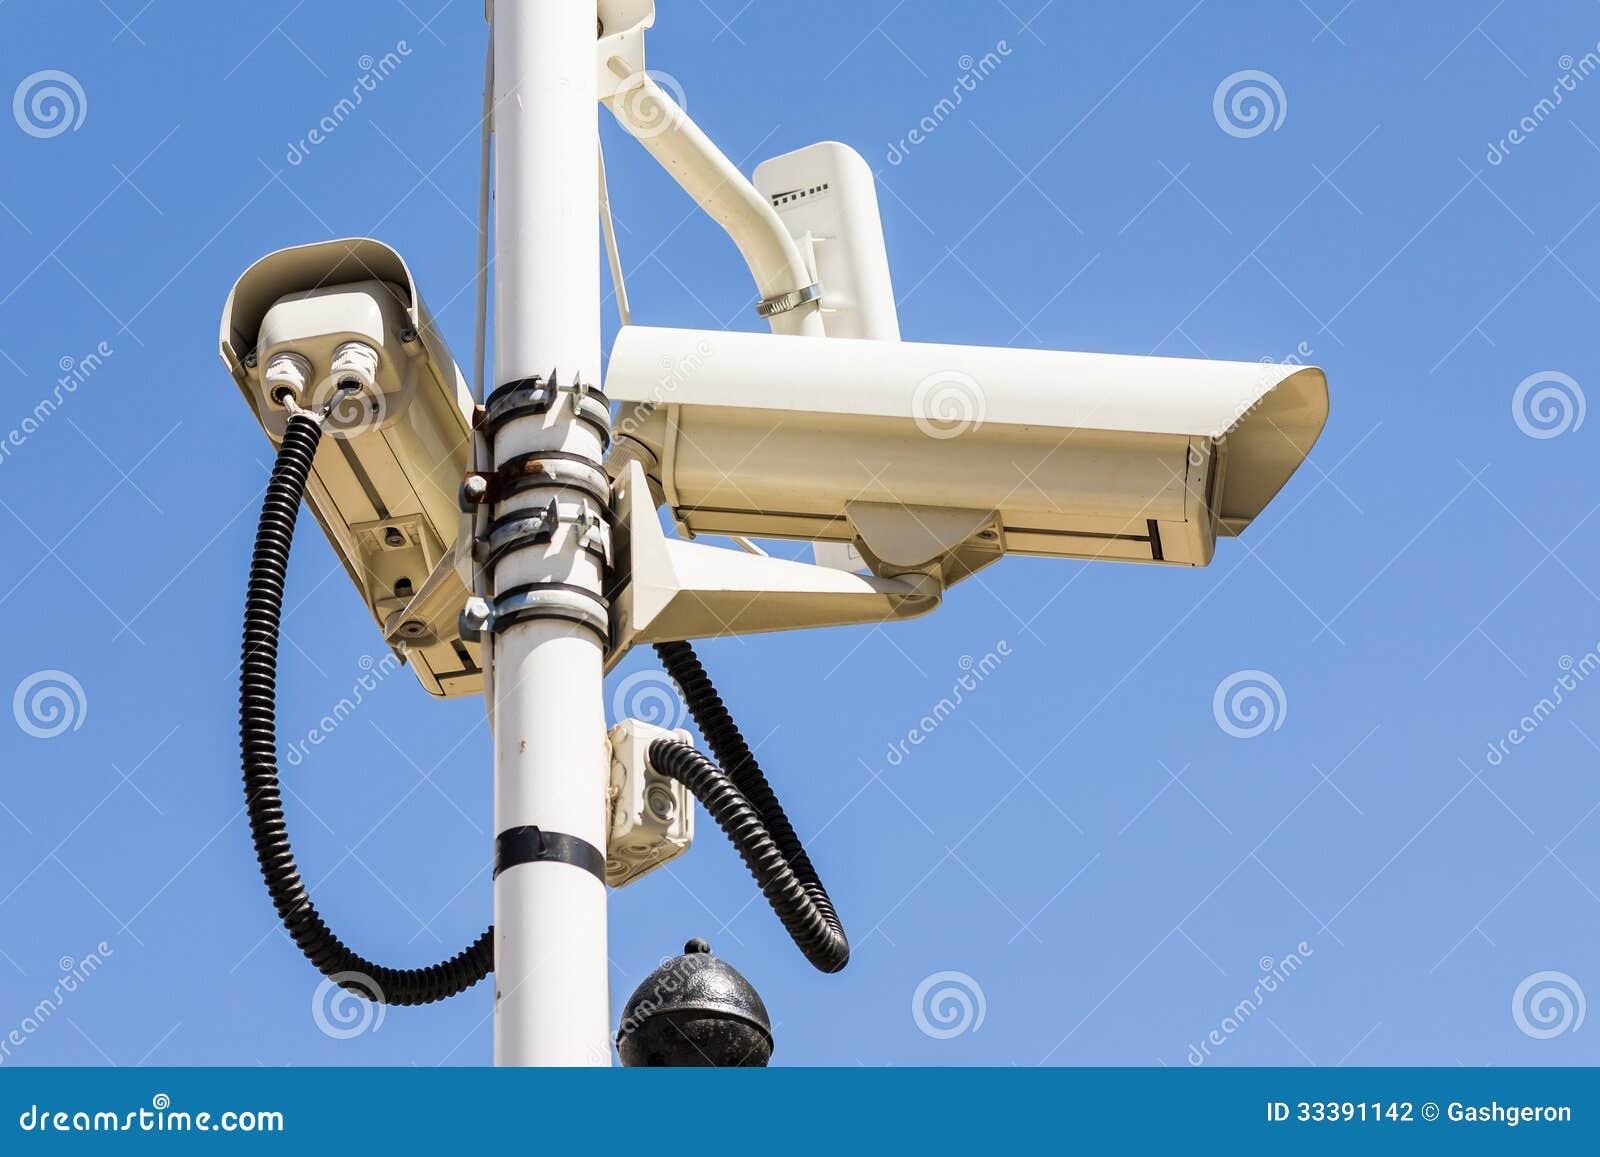 berwachungskamera auf einem pfosten eingestellt auf die. Black Bedroom Furniture Sets. Home Design Ideas